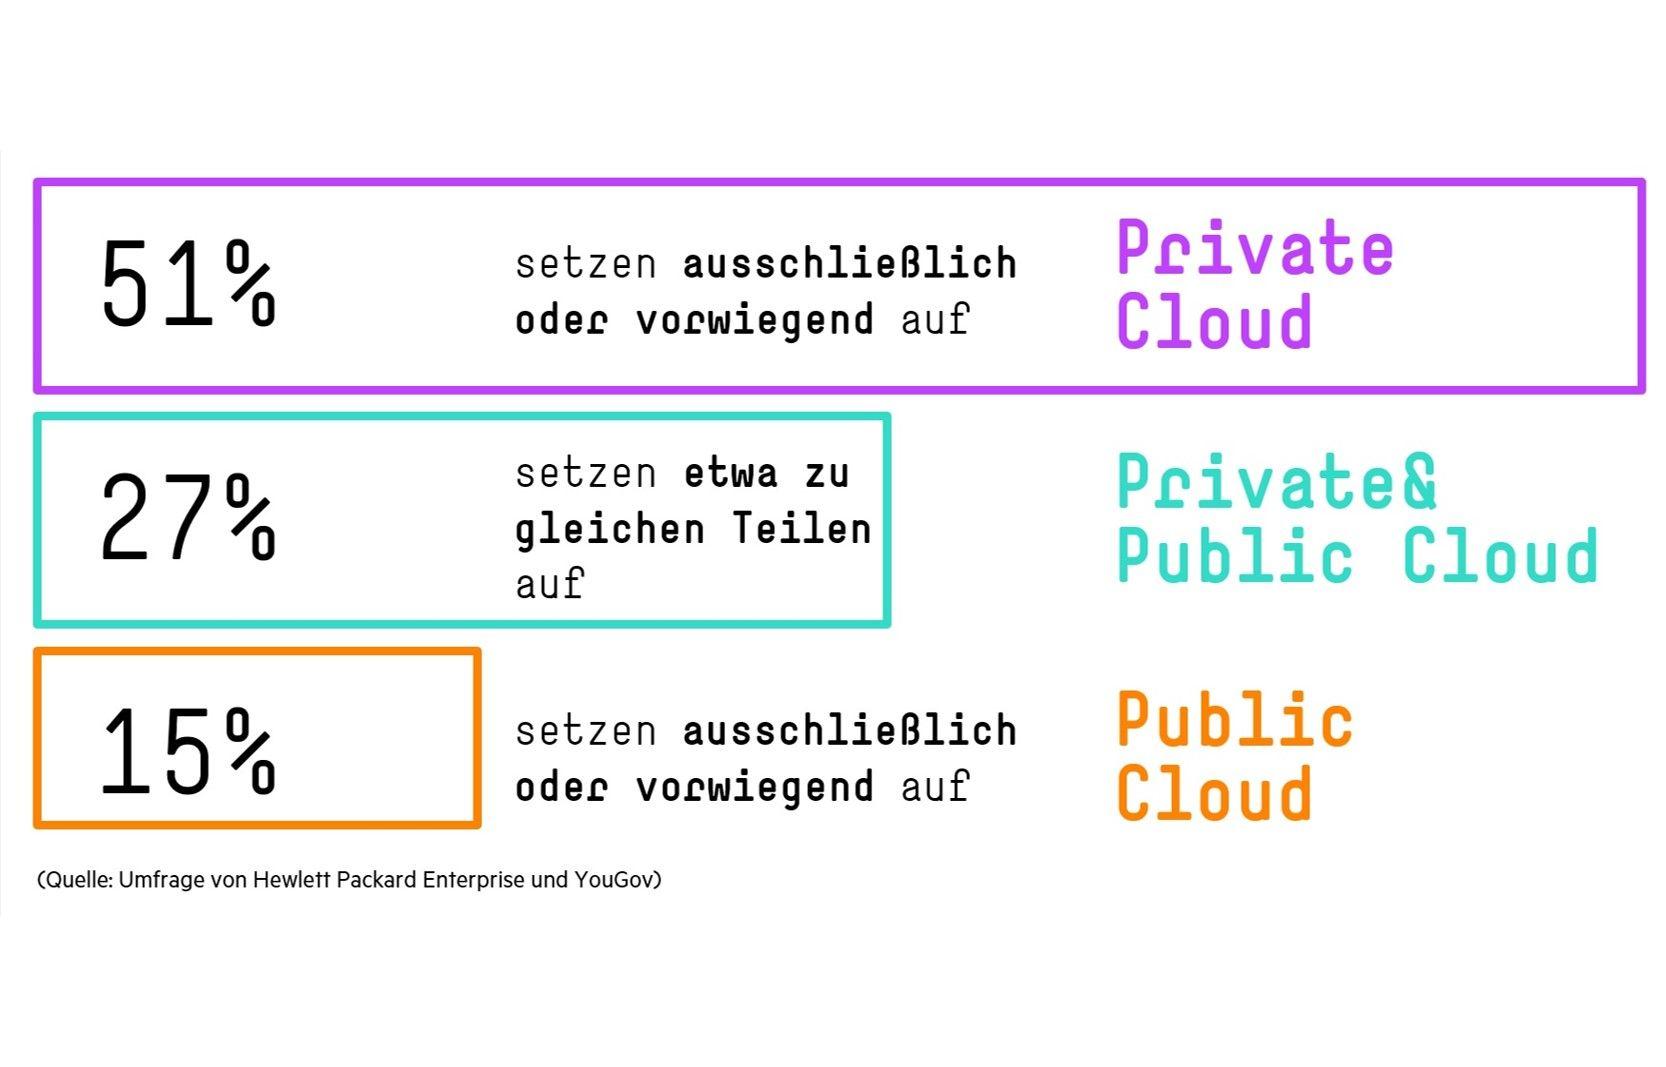 Corona-Zwischenbilanz: Umfrage von HPE und YouGov zur Cloud-Nutzung unter 827 Führungskräften in Deutschland